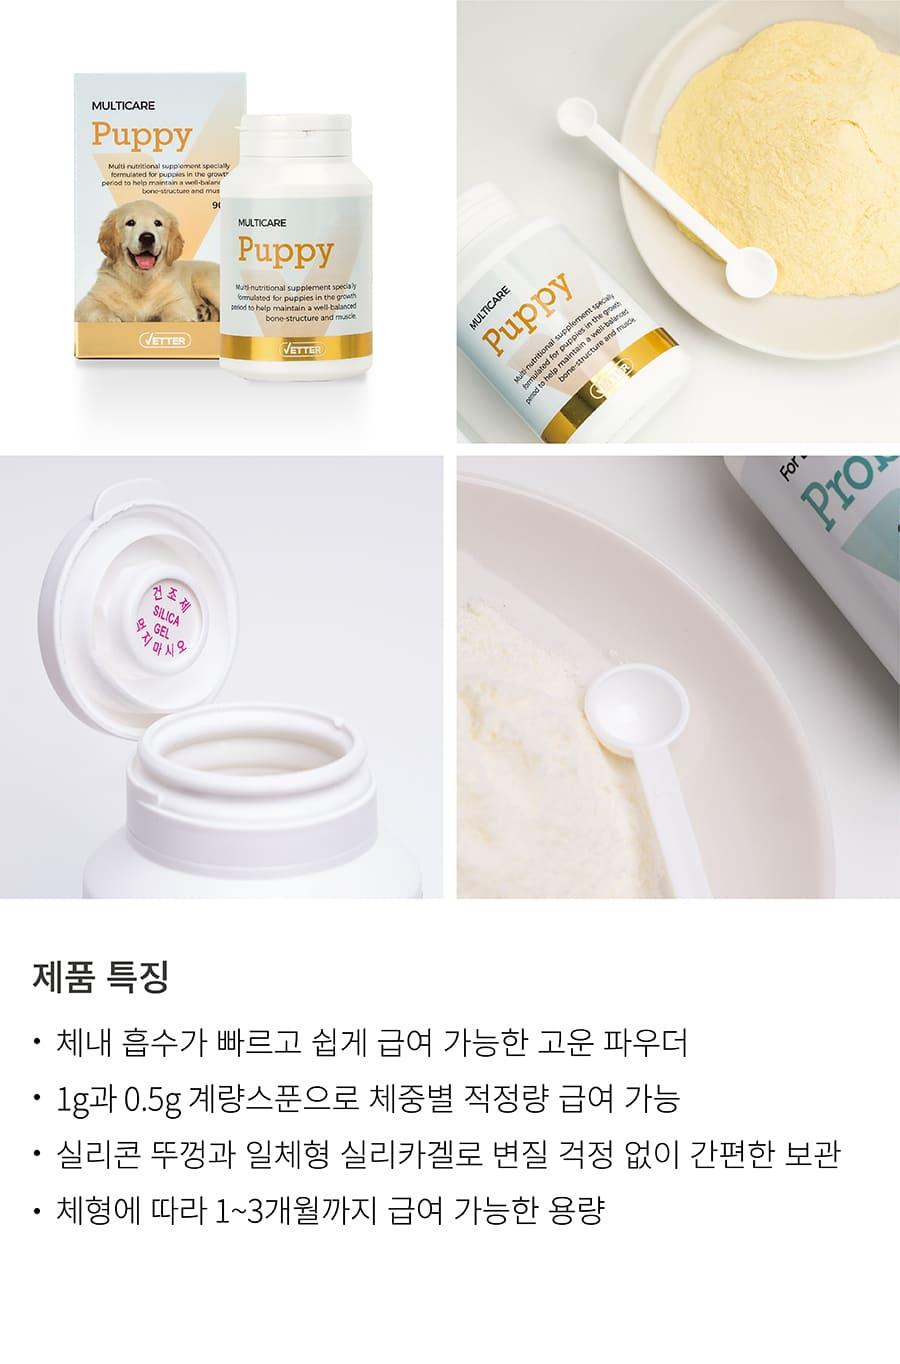 [EVENT] Vetter 댕냥이 영양 파우더 11종 (관절/피부/안정/눈/장/소화)-상품이미지-26